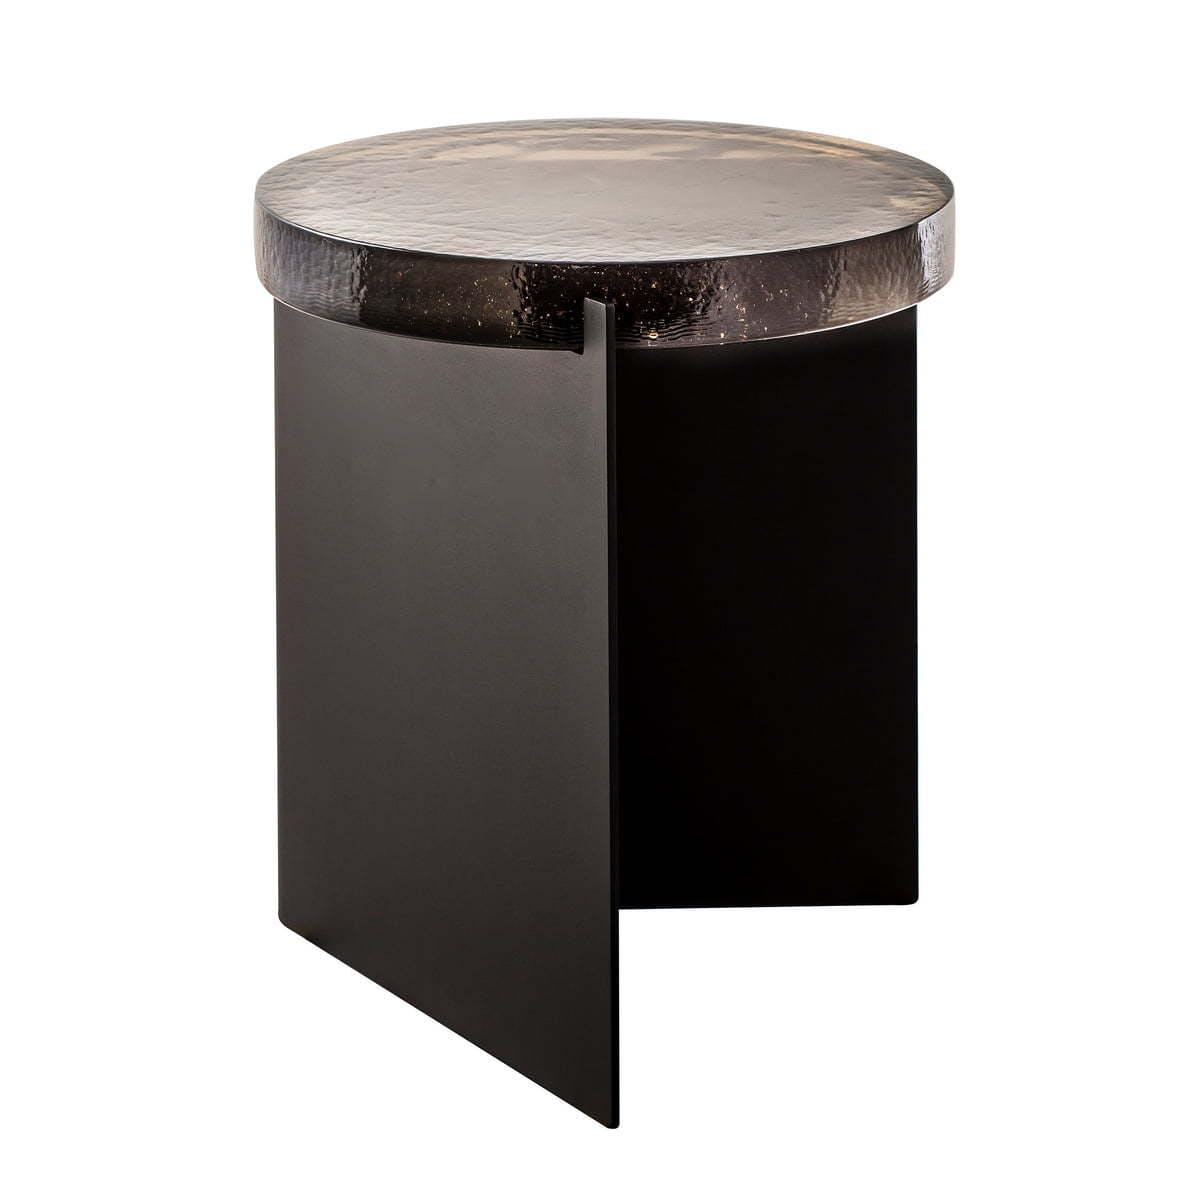 Pulpo Alwa One Tisch H 44X38 Cm Smoky Grey Schwarz Frei